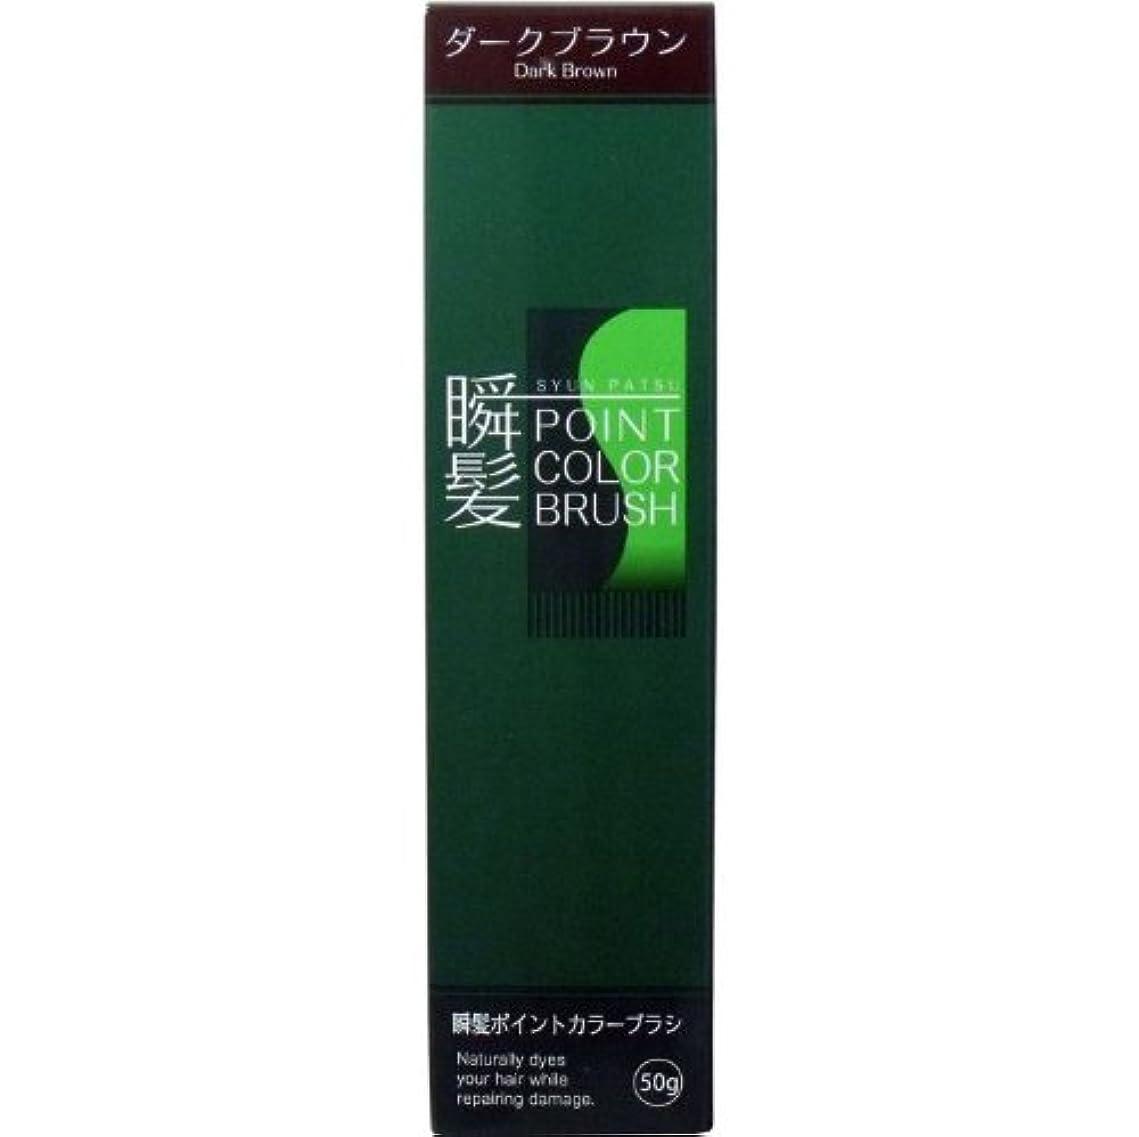 レザーデジタルマスク瞬髪ポイントカラーブラシ 染毛料 ダークブラウン 50g【3個セット】